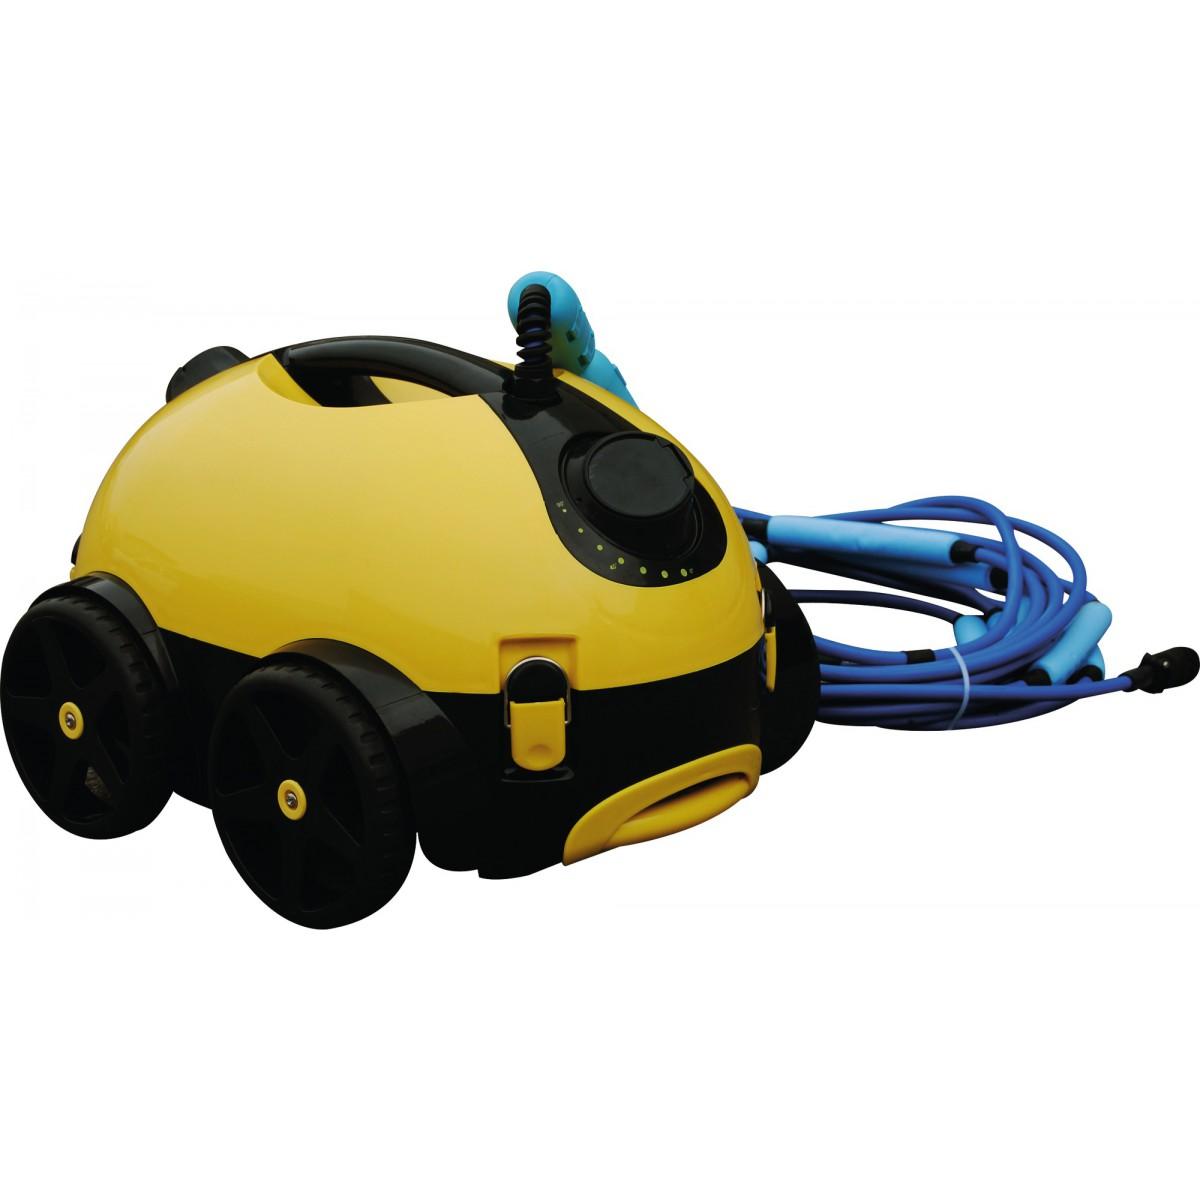 Robot aspirateur de piscine autonome Naia HJ1009 Bestway - Puissance 150 W